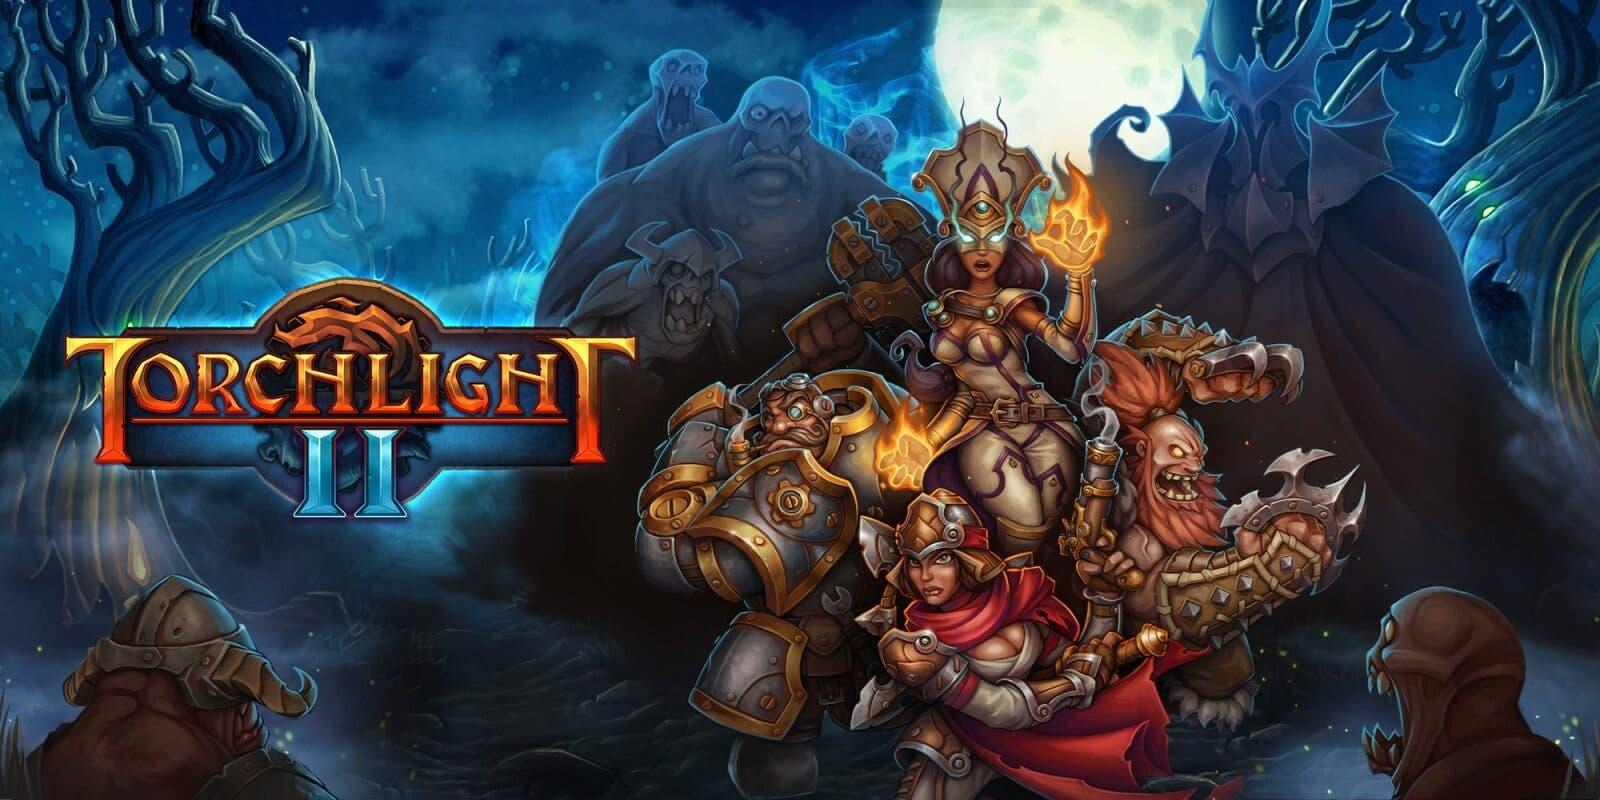 juego gratis de la Epic Games Store